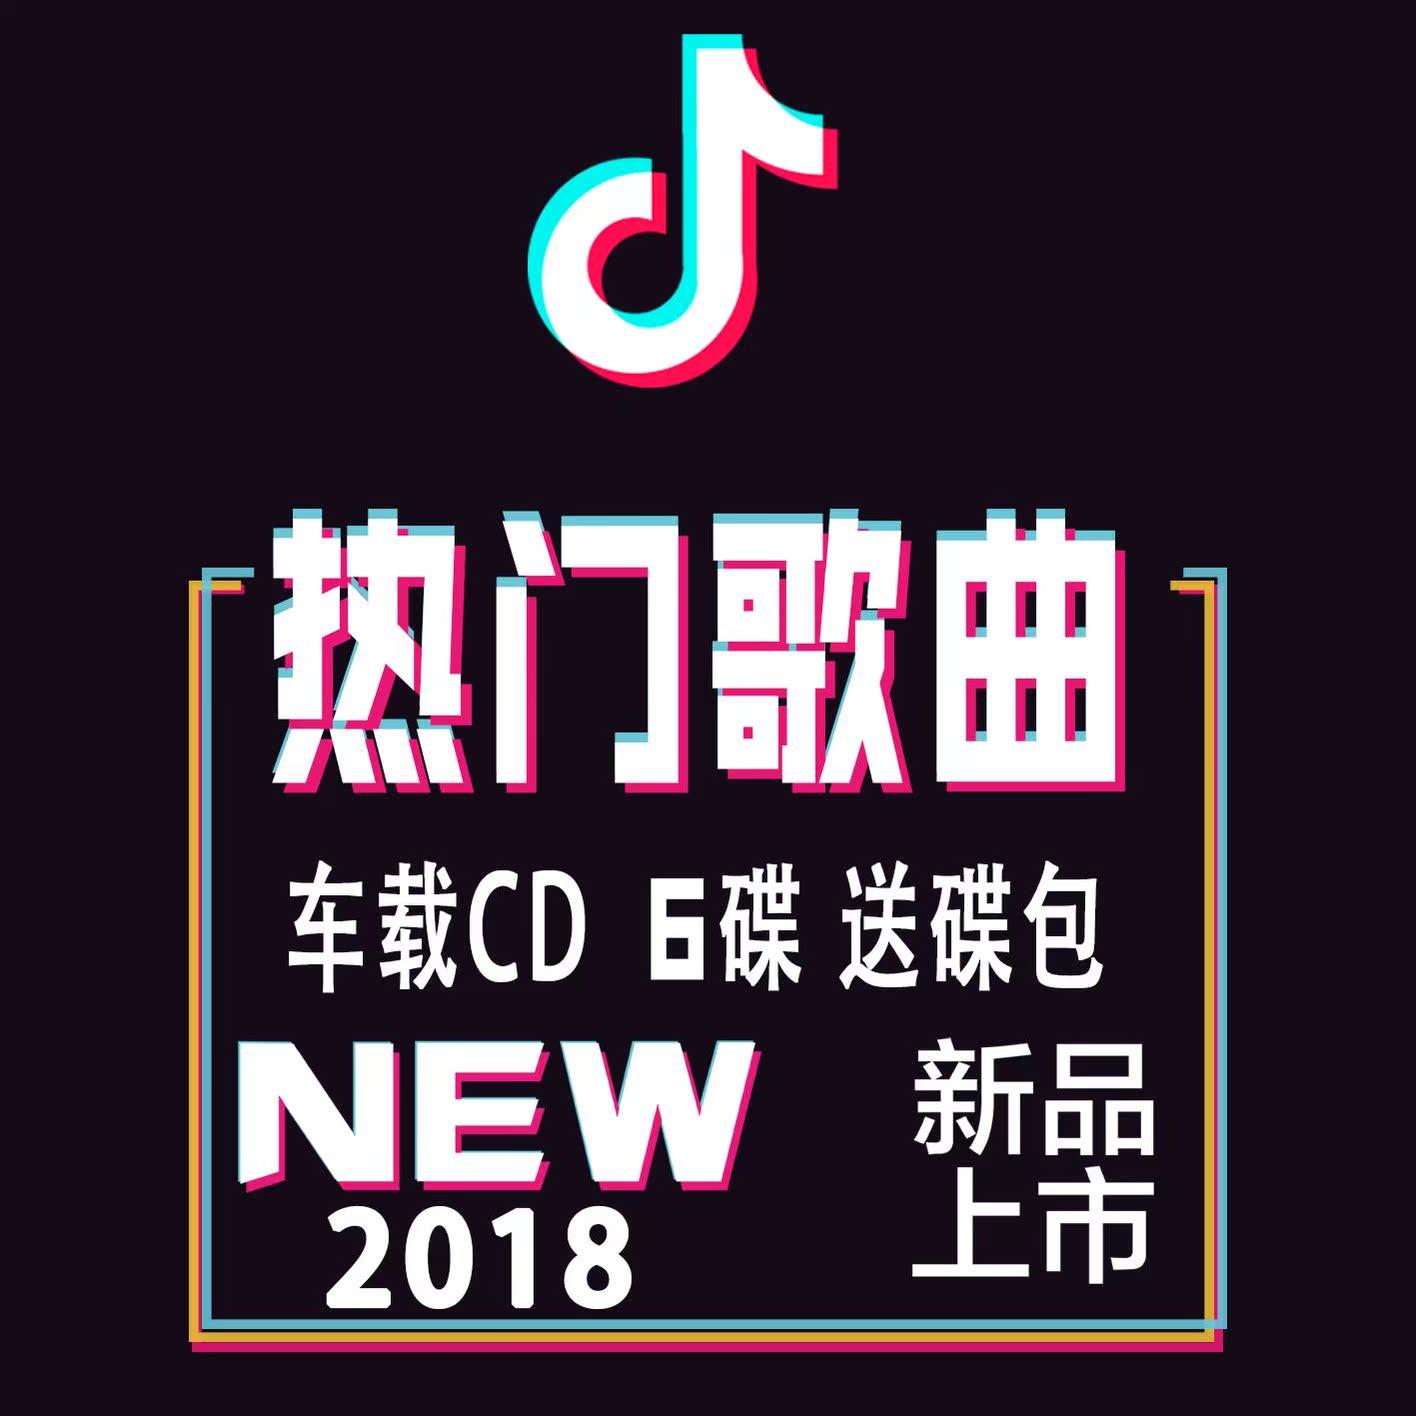 2018抖音热门歌曲精选汽车载音乐CD光盘碟片专辑快手体面病变花姐